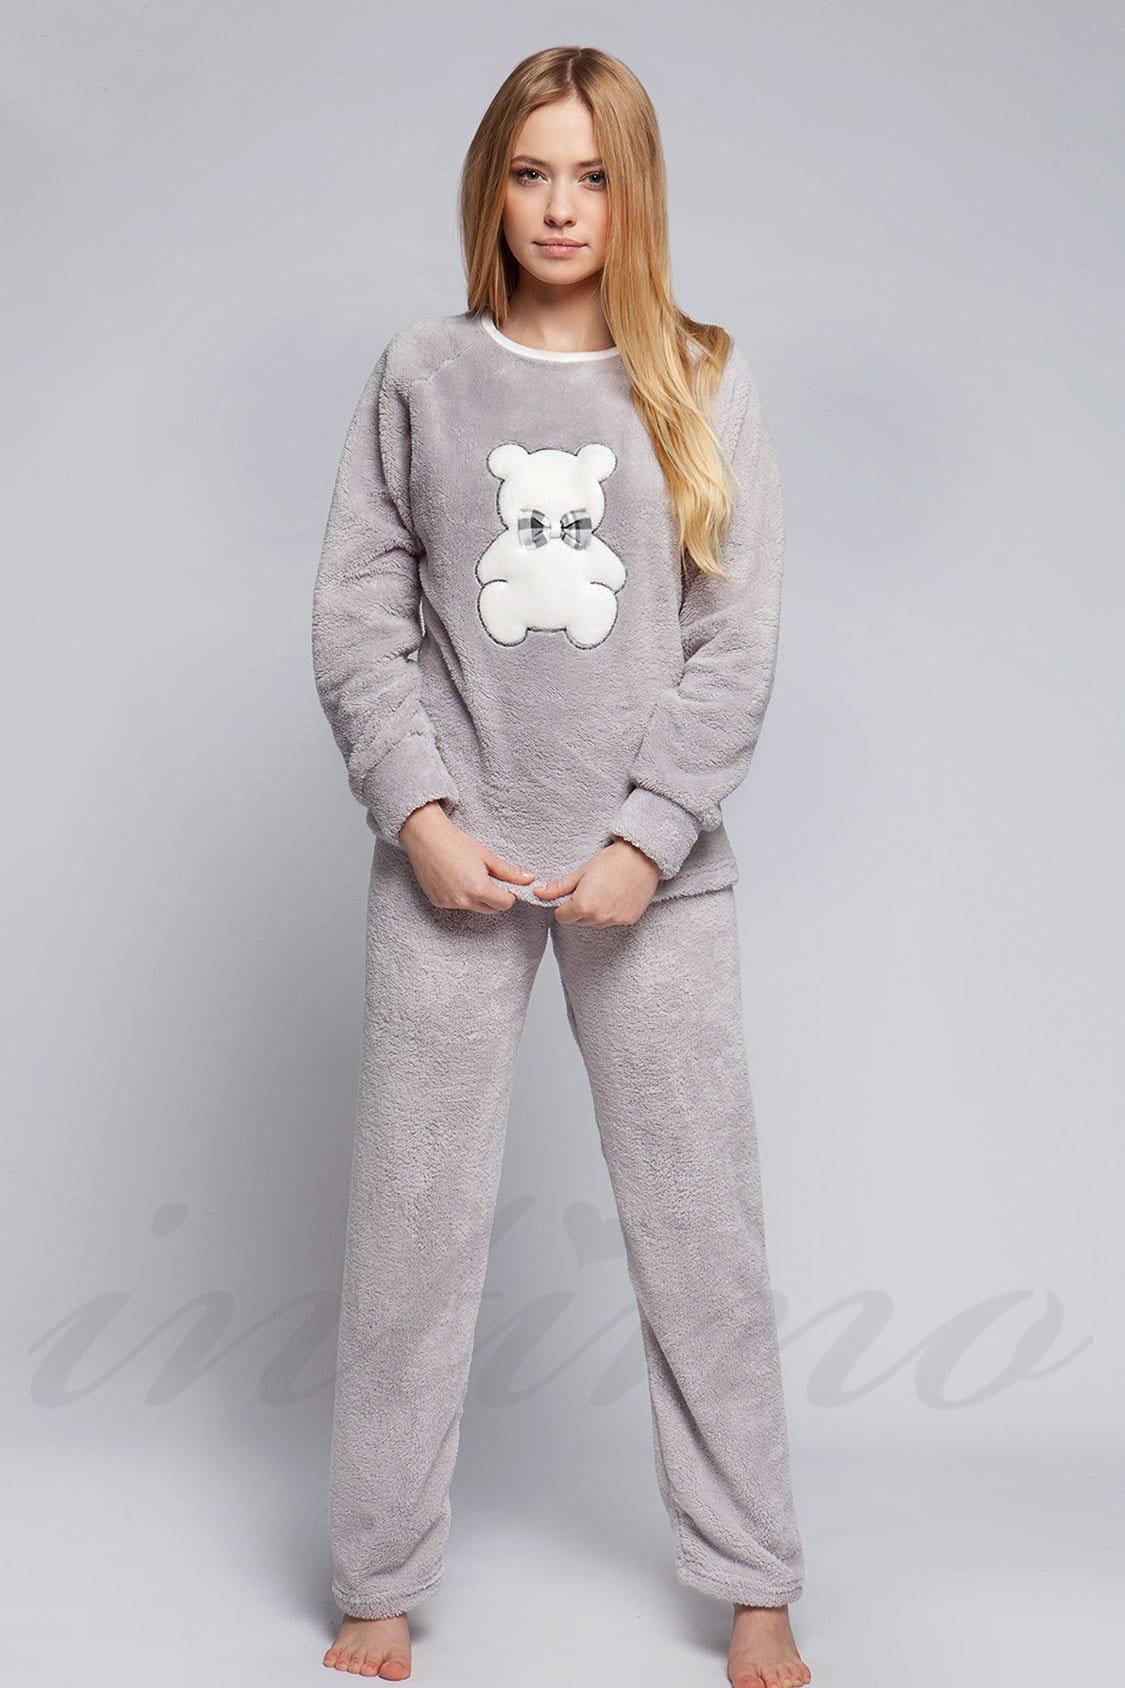 Женская домашняя одежда купить в интернет магазине недорого